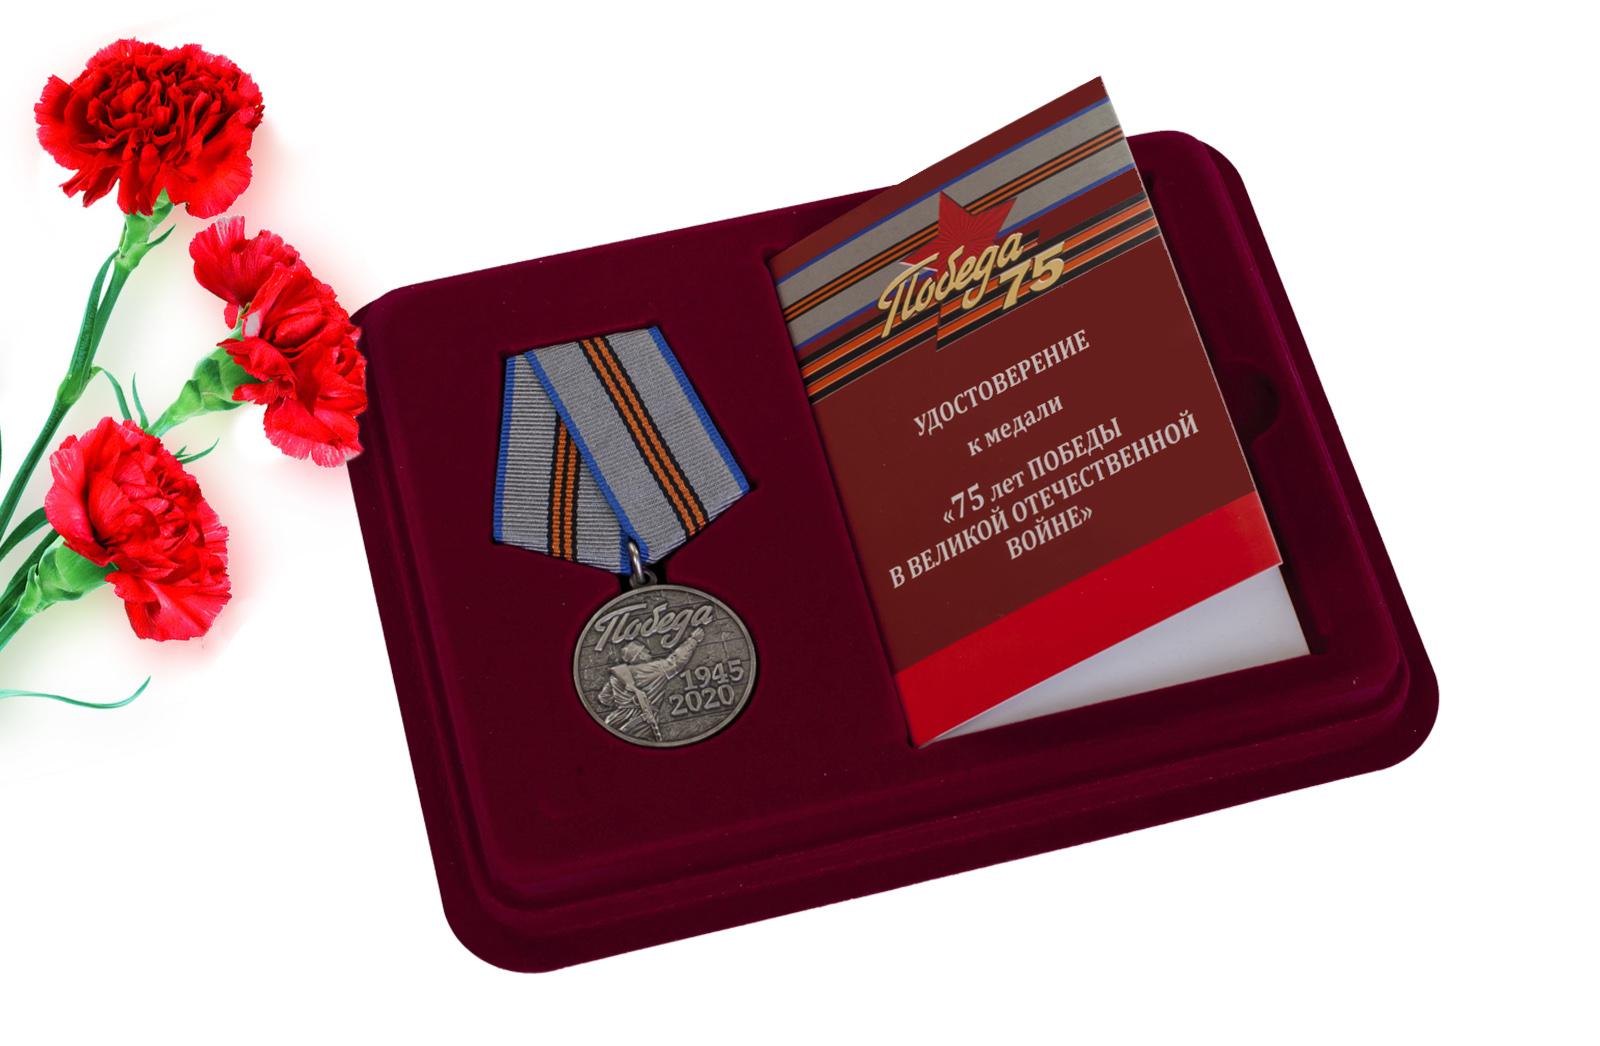 Купить юбилейную медаль к 75-летию Победы в Великой Отечественной Войне оптом или в розницу